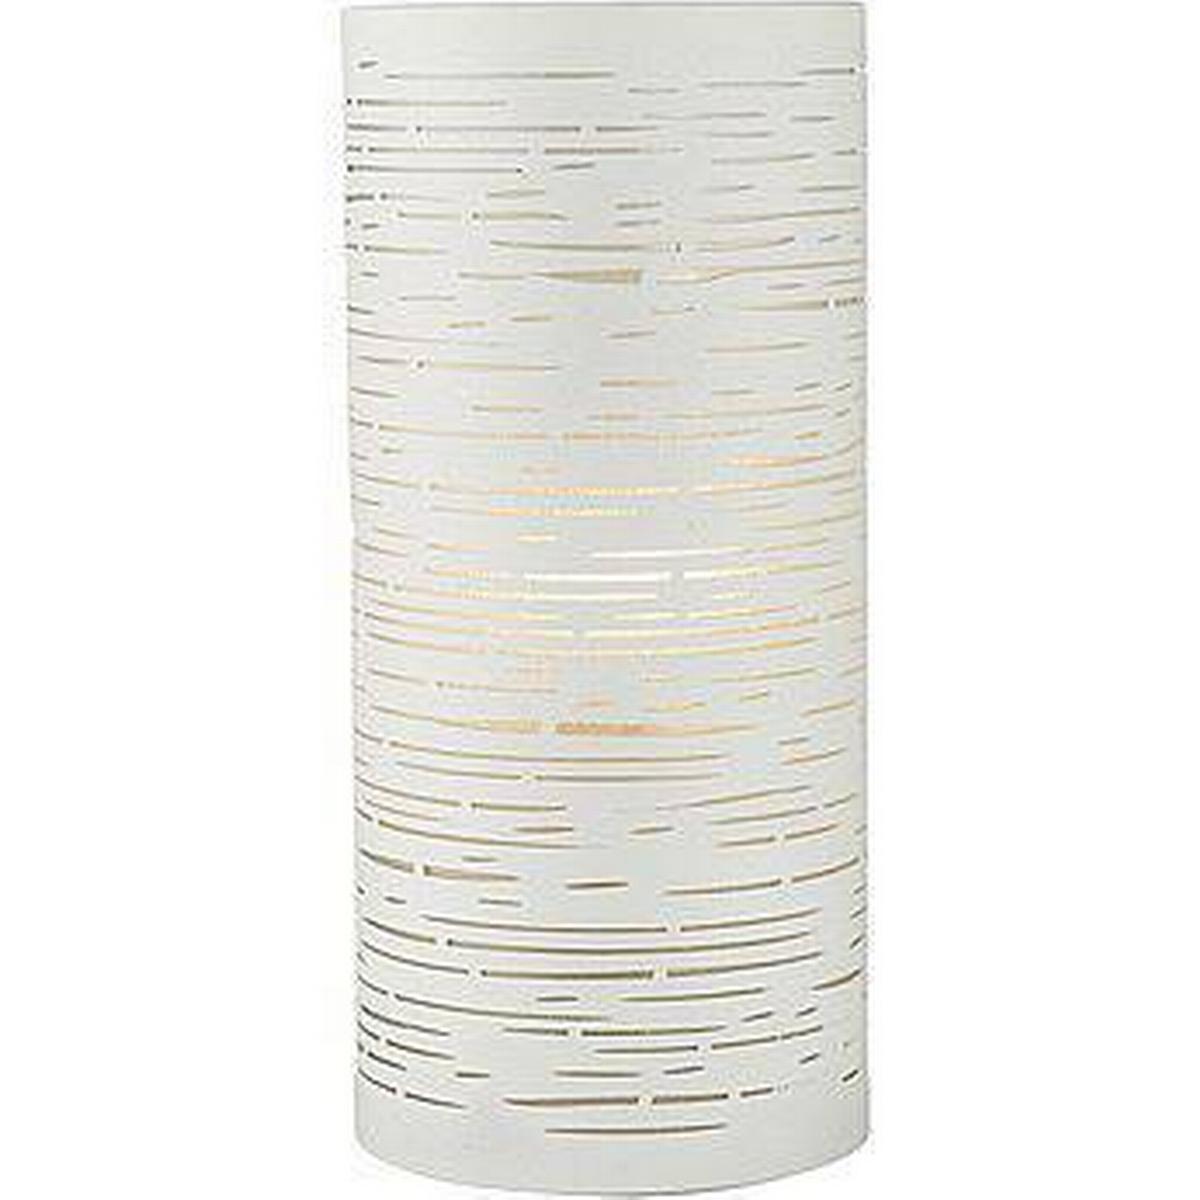 Oriva Bordslampor (100+ produkter) hos PriceRunner • Se